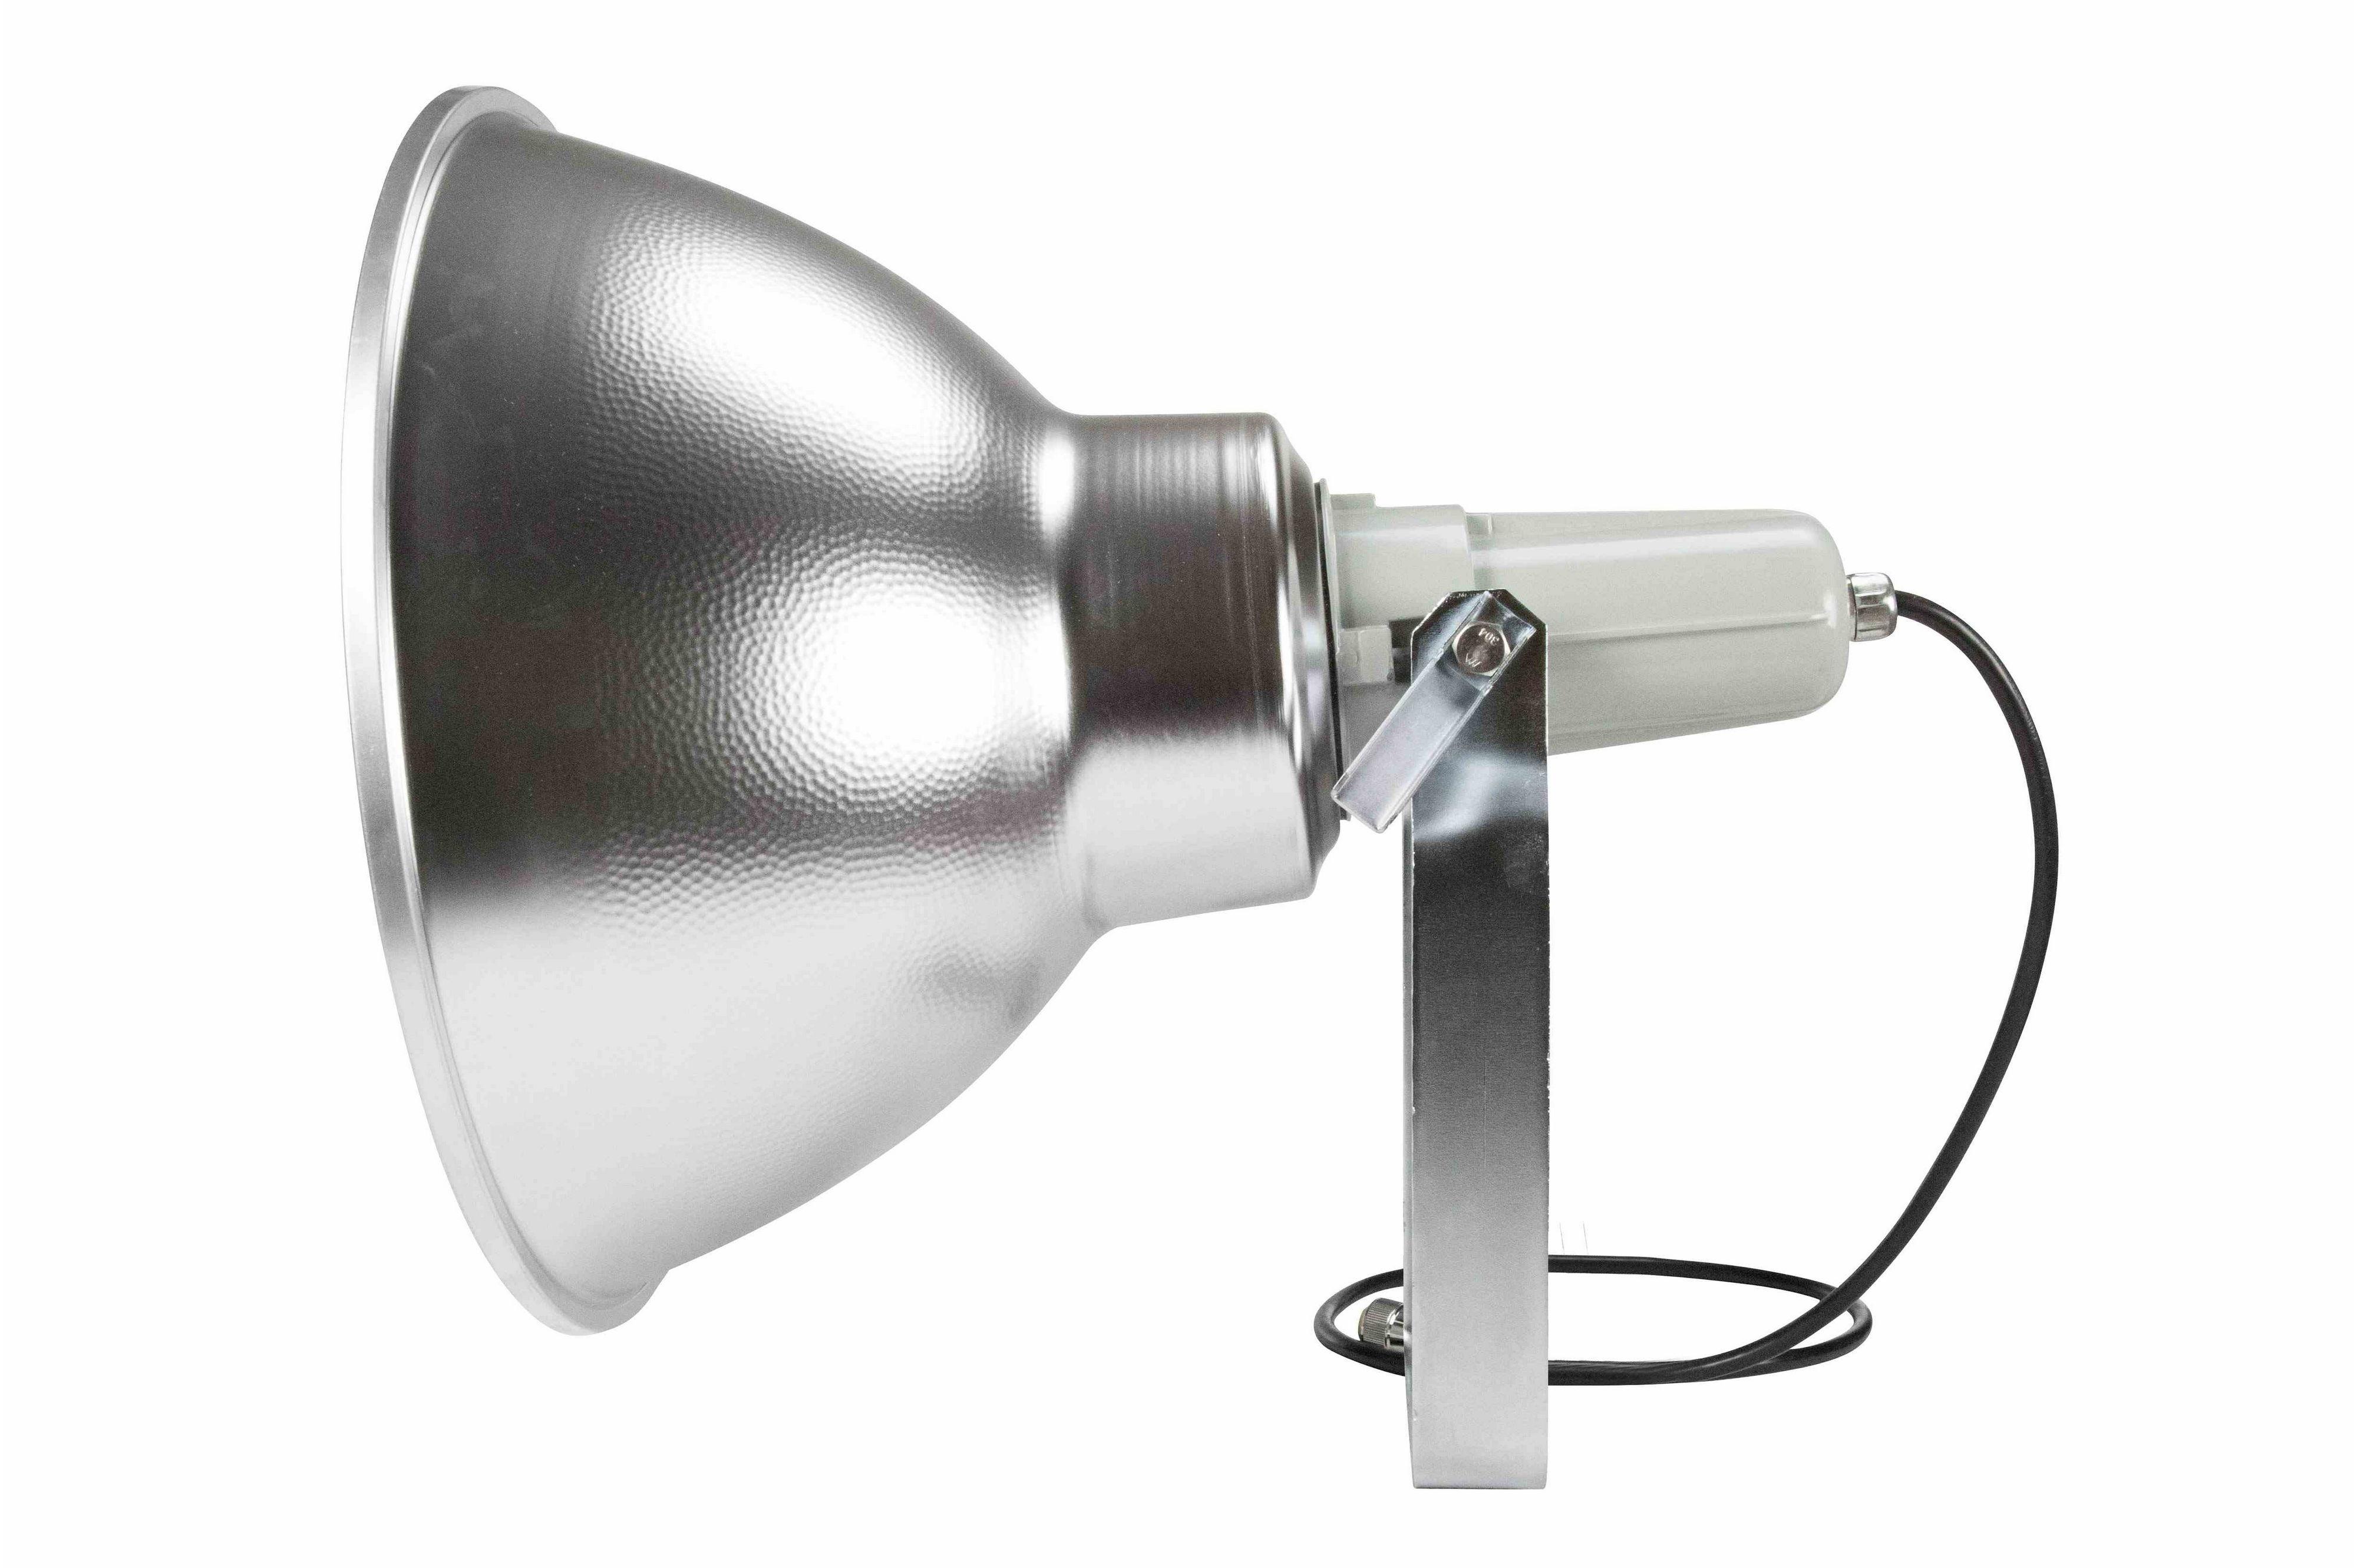 Replacement 1500 Watt Metal Halide Light Head No Ballast